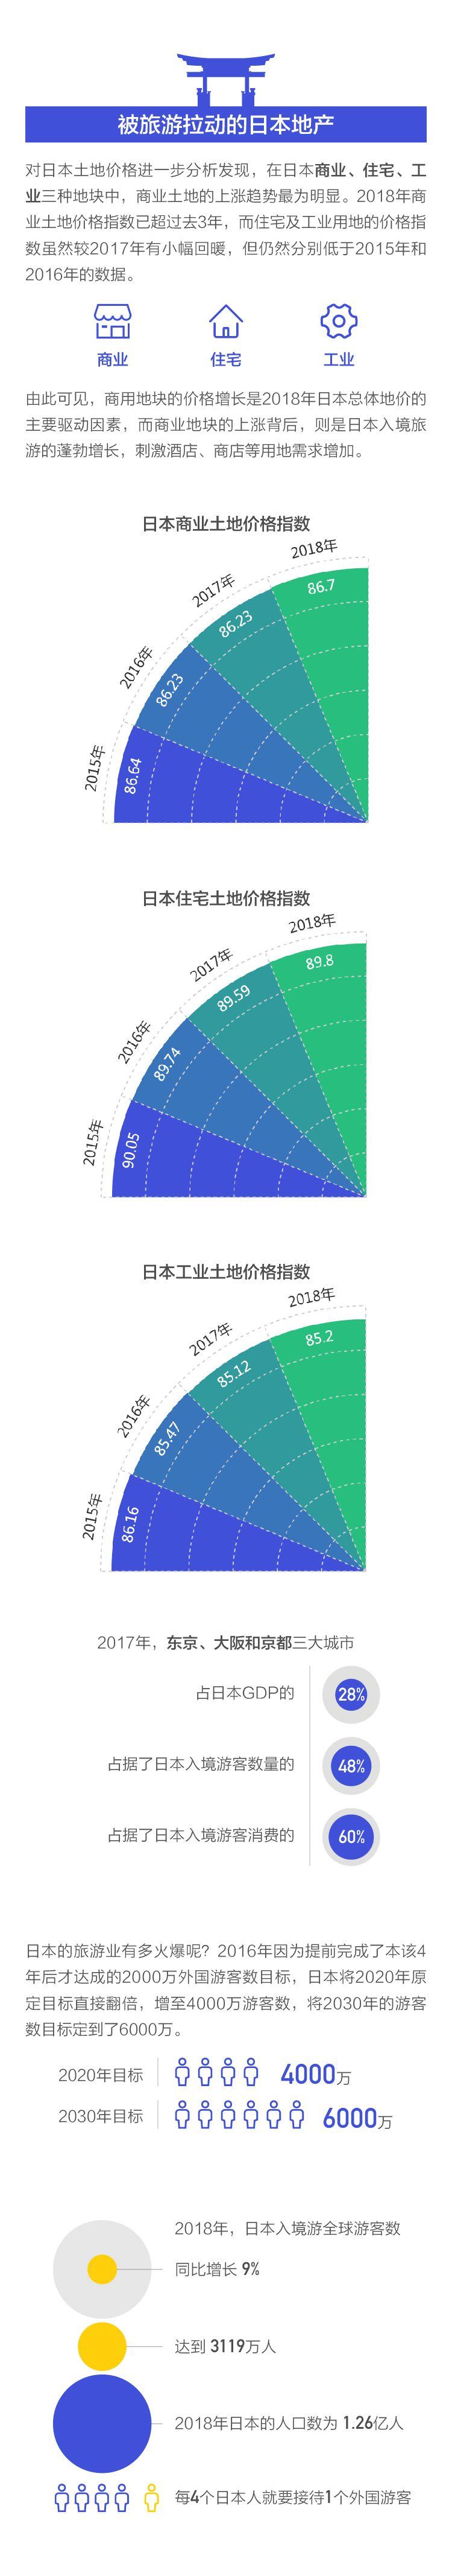 熬了27年日本地价终于涨了 800万中国人功不可没?_图1-4